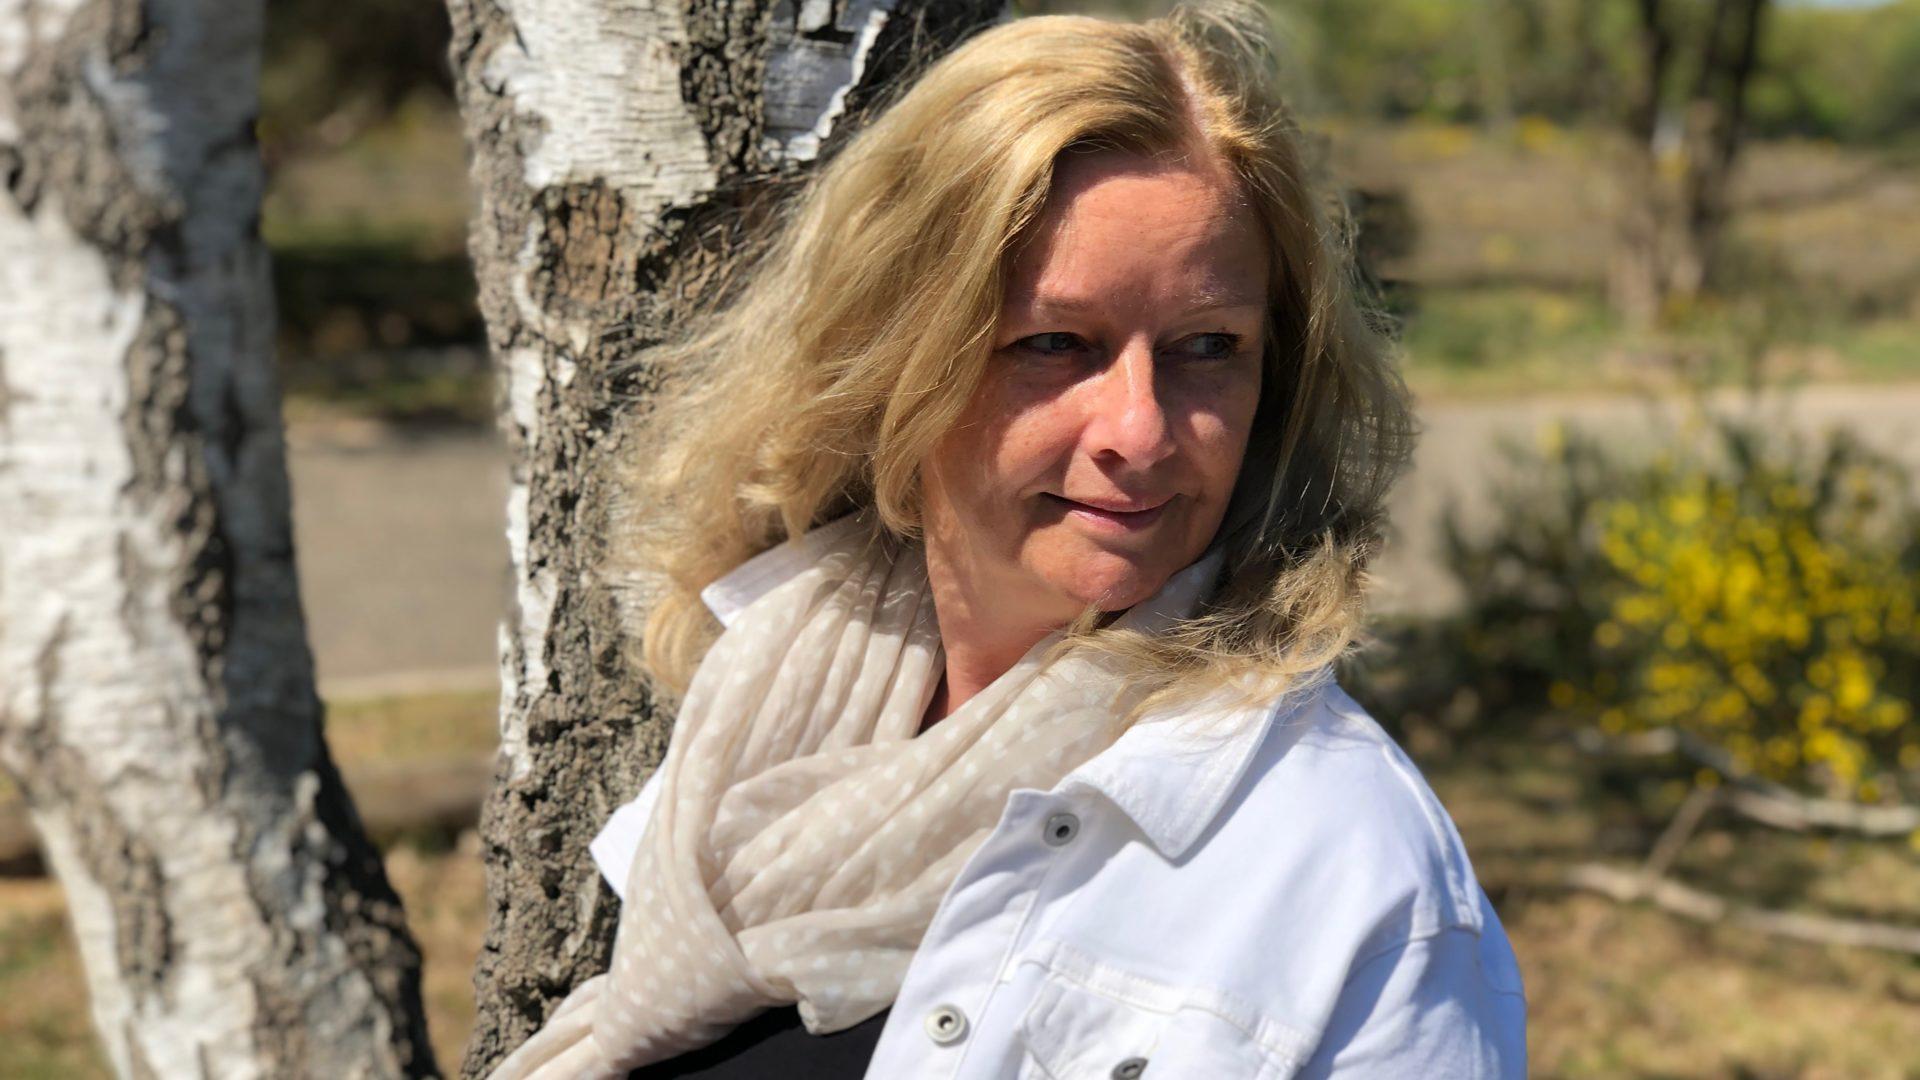 Mariette Huibrechtse voor relatietherapie in Hilversum, 't Gooi en Almere